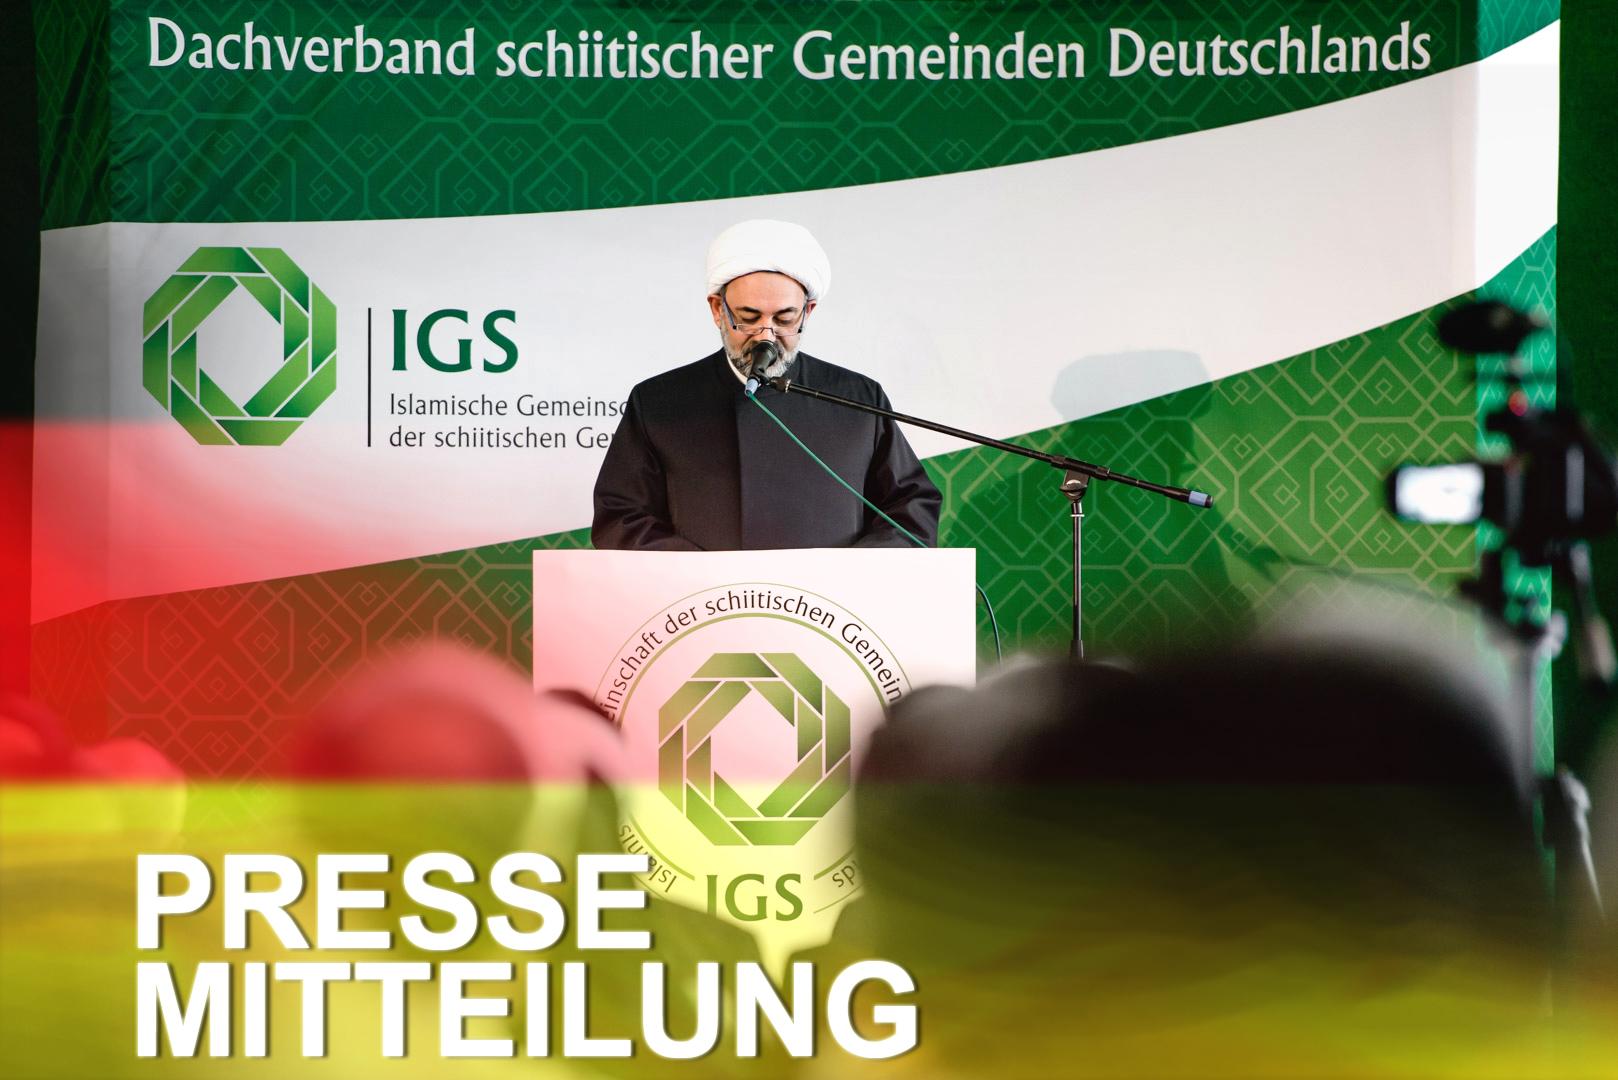 IGS_Deutschland_Pressemitteilung2